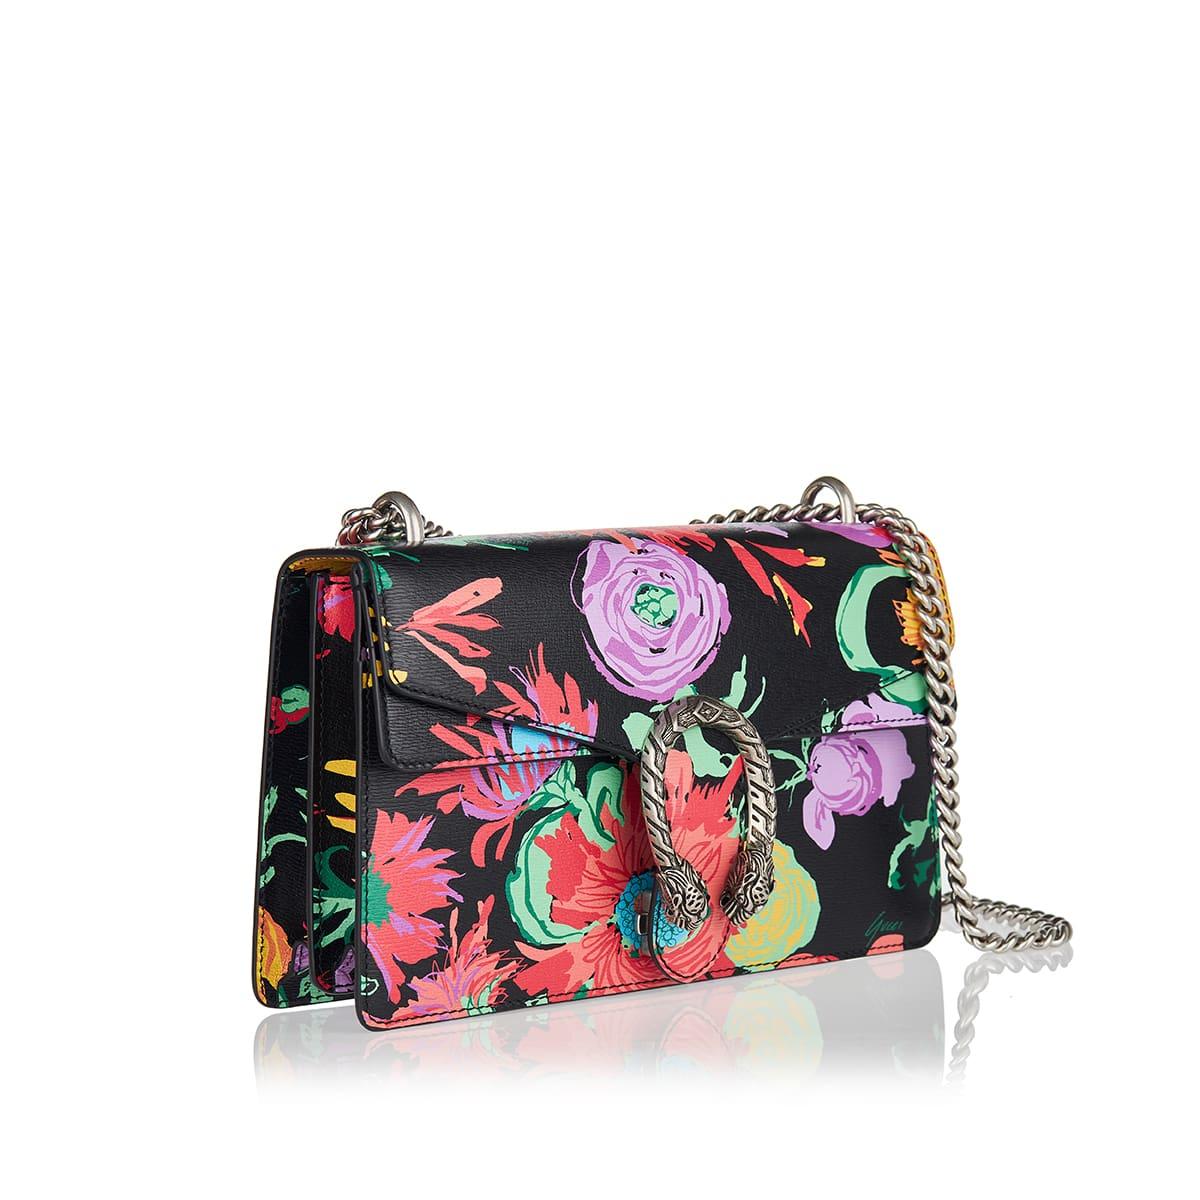 x Ken Scott Dionysus small floral bag